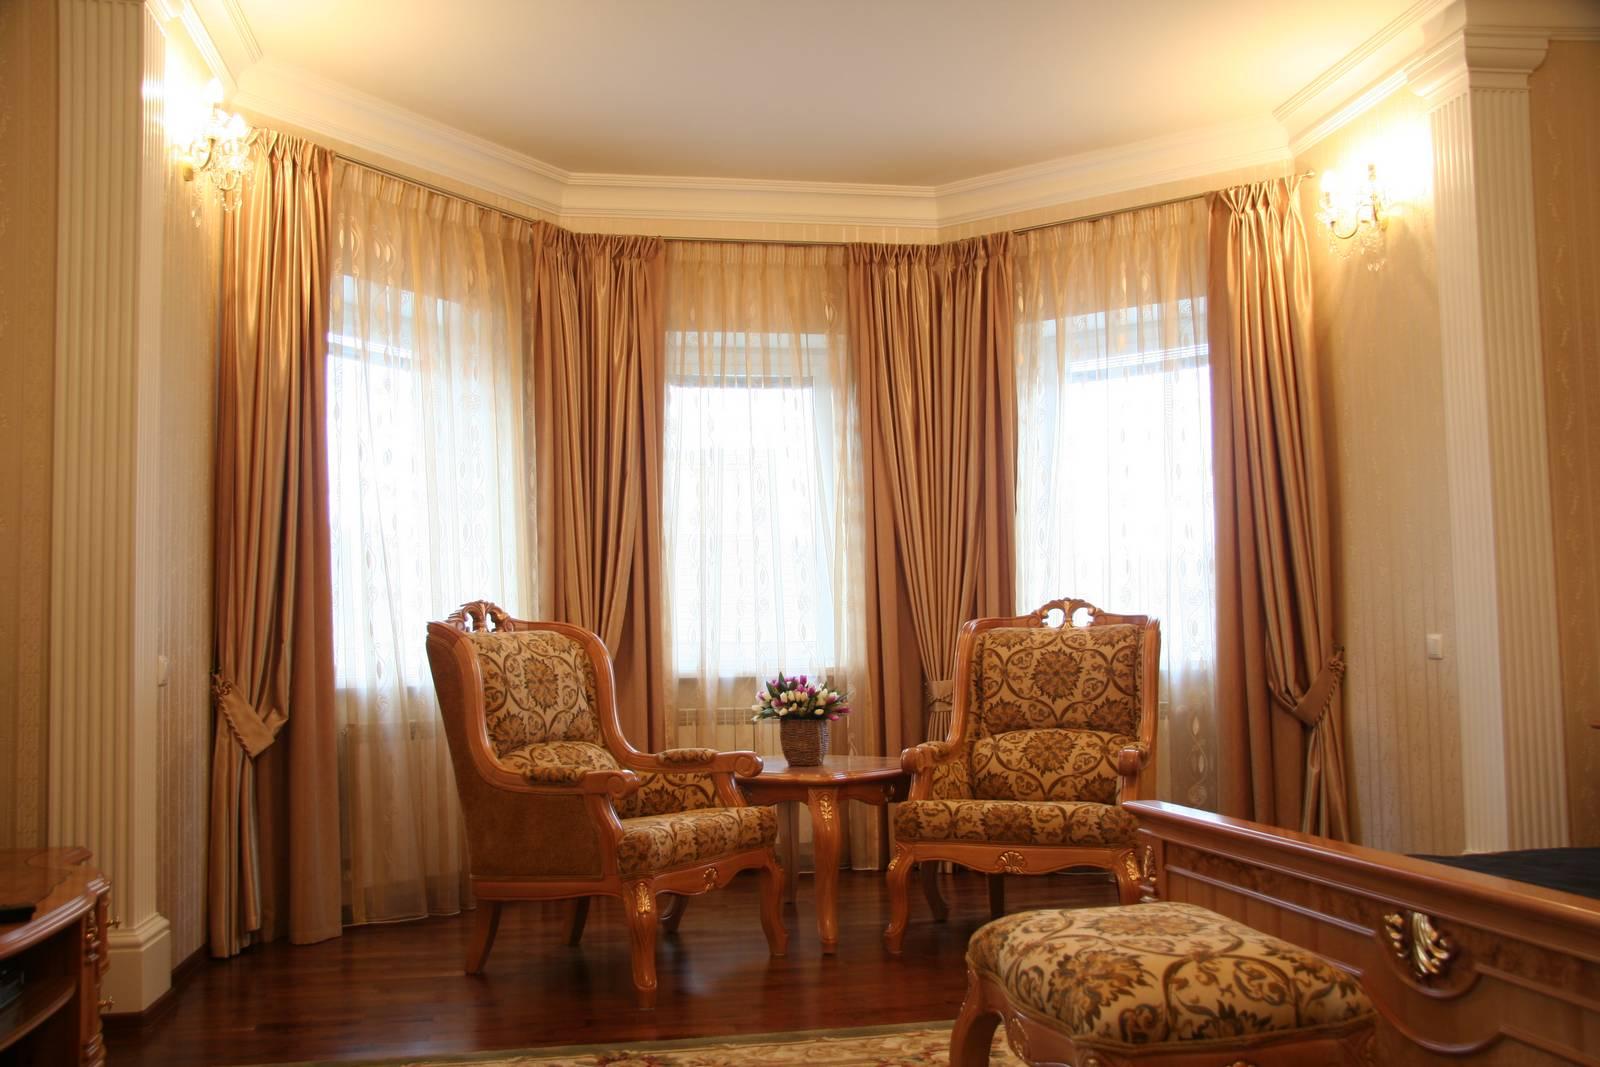 Тюль для гостиной на эркерное окно